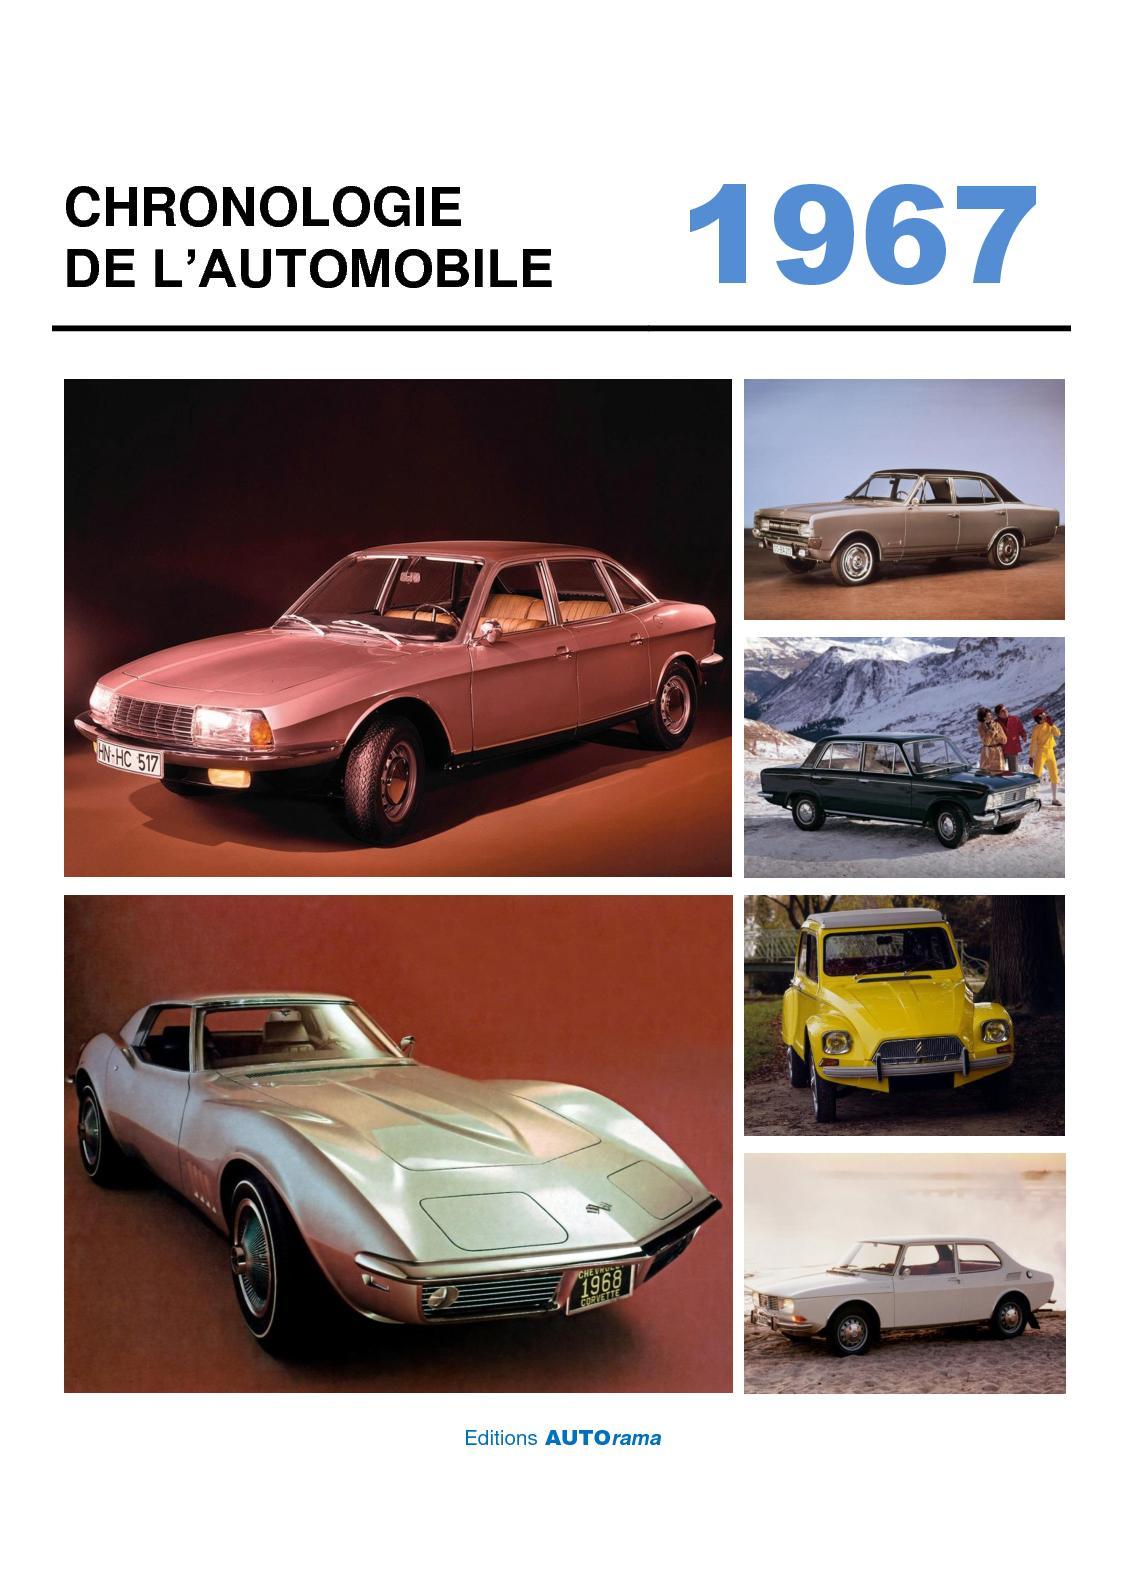 Chronologie de l'automobile - 1967